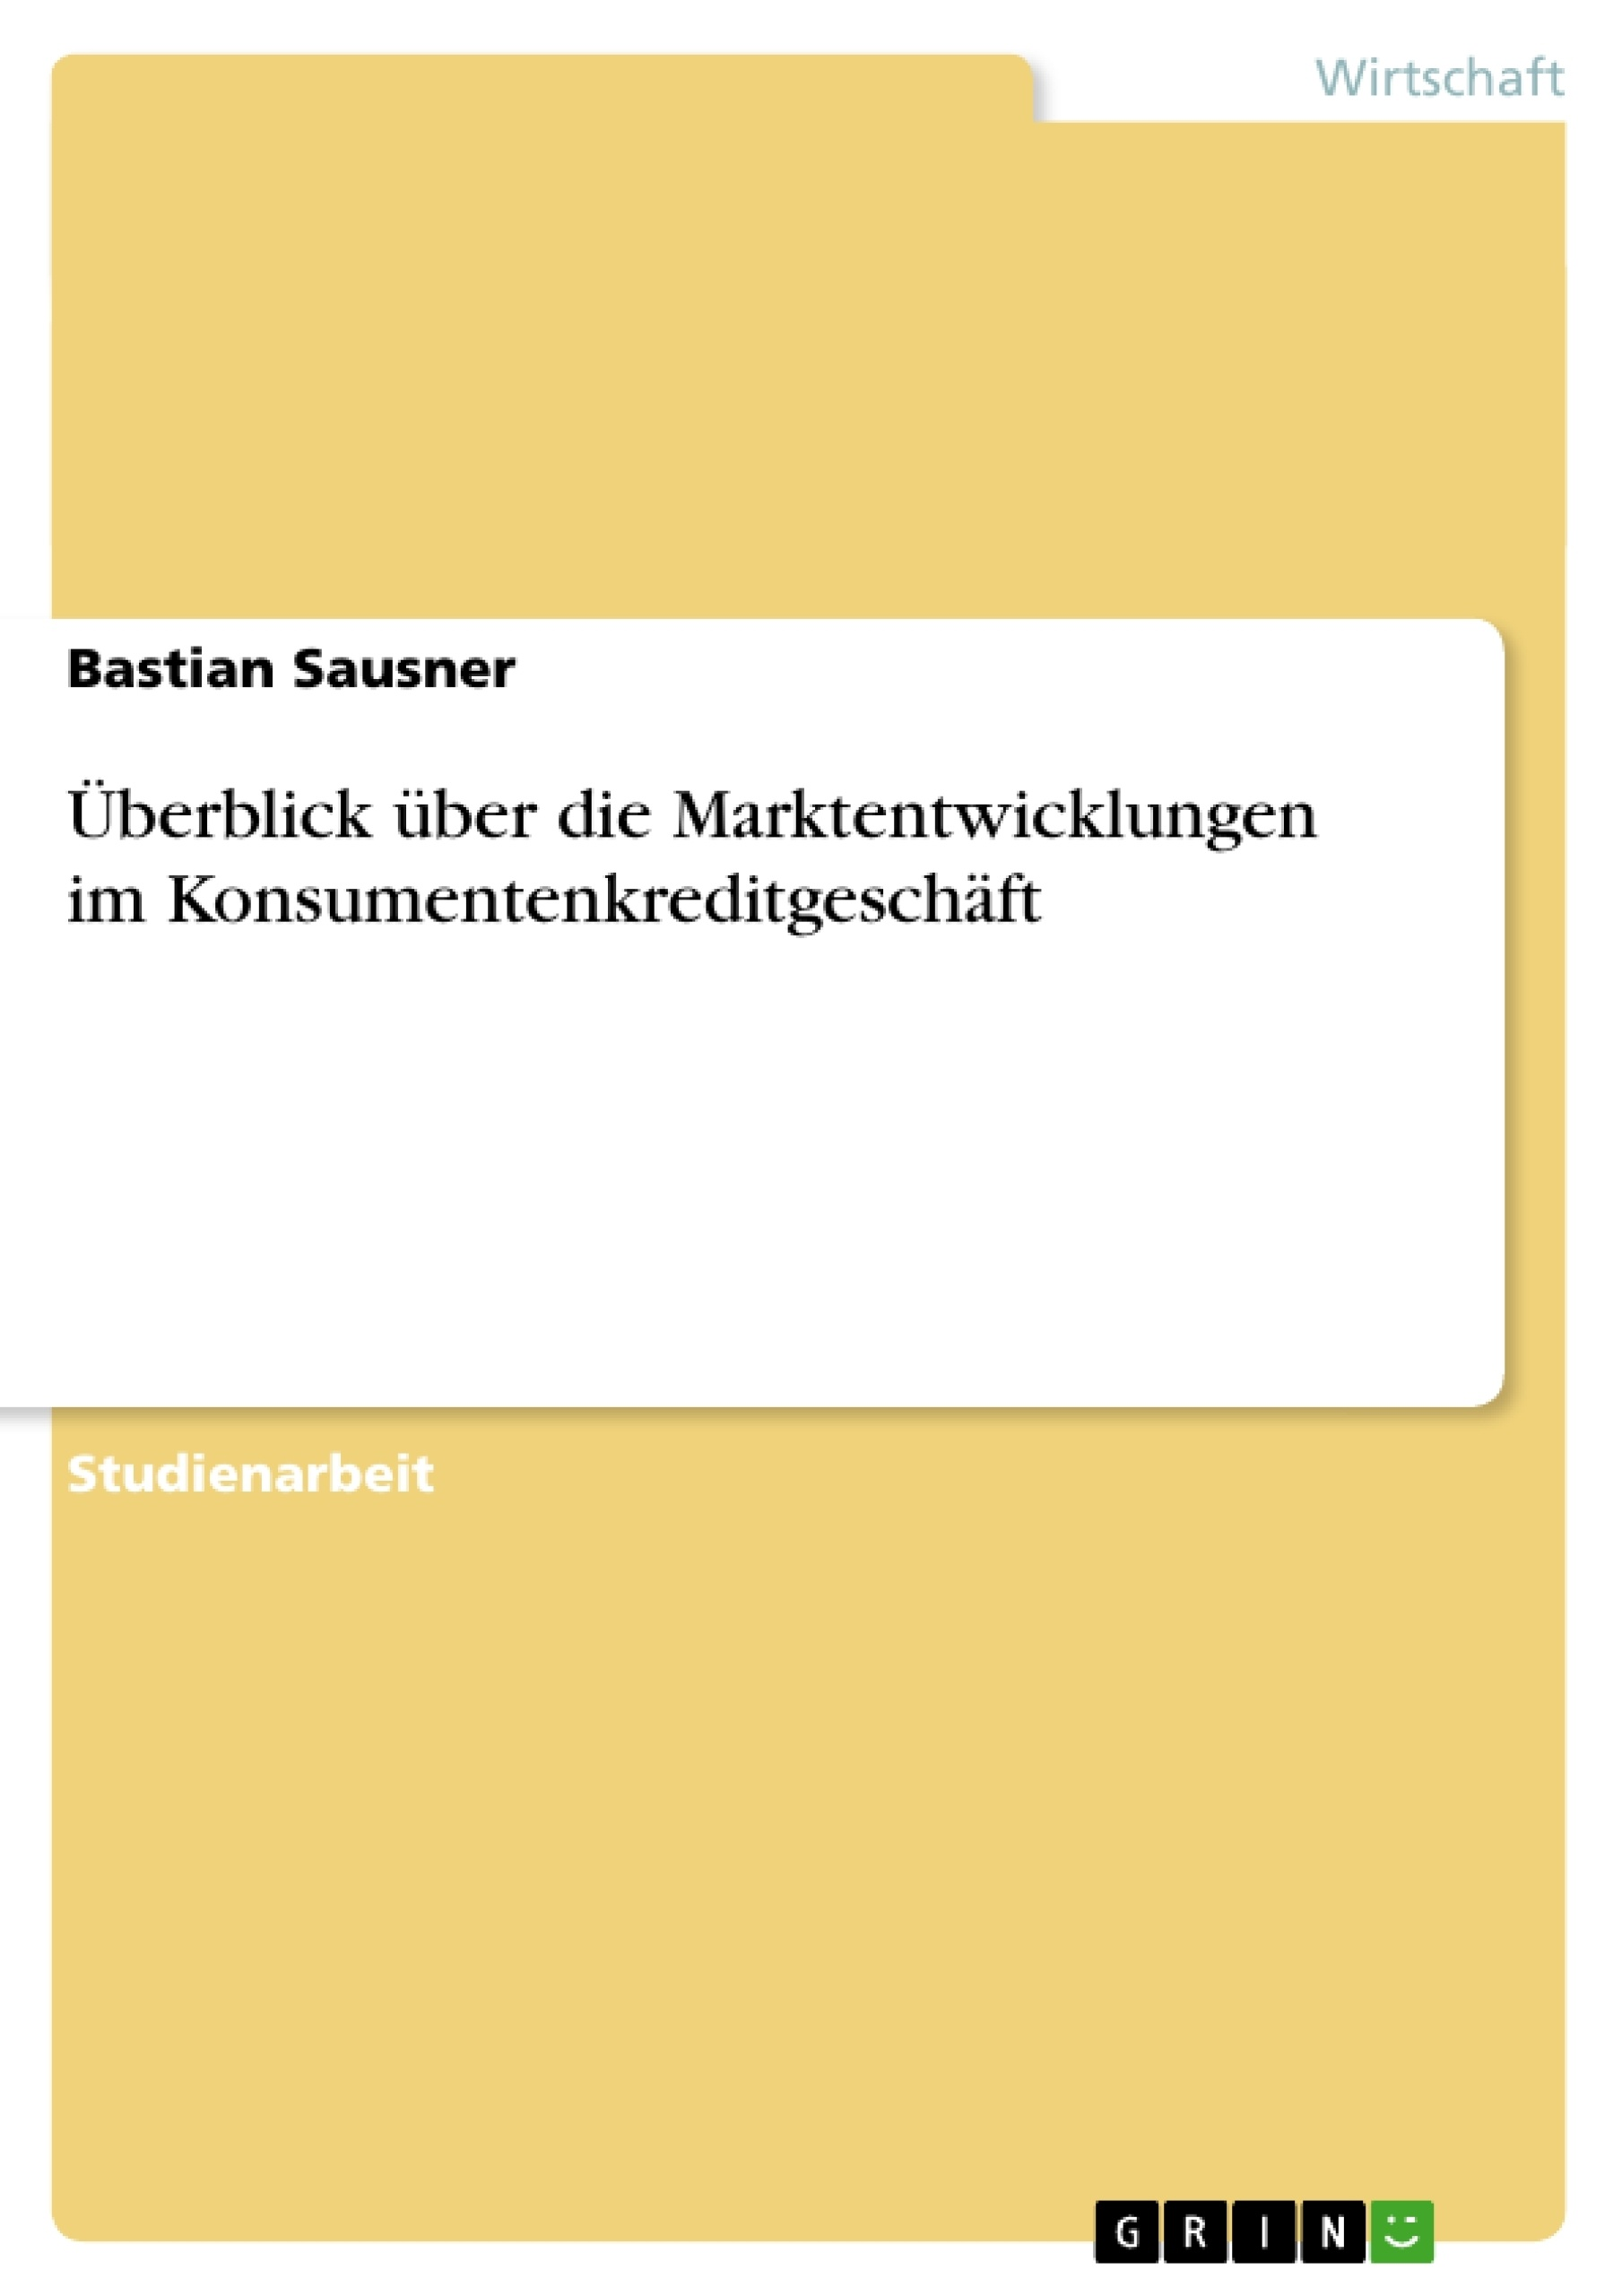 Titel: Überblick über die Marktentwicklungen im Konsumentenkreditgeschäft